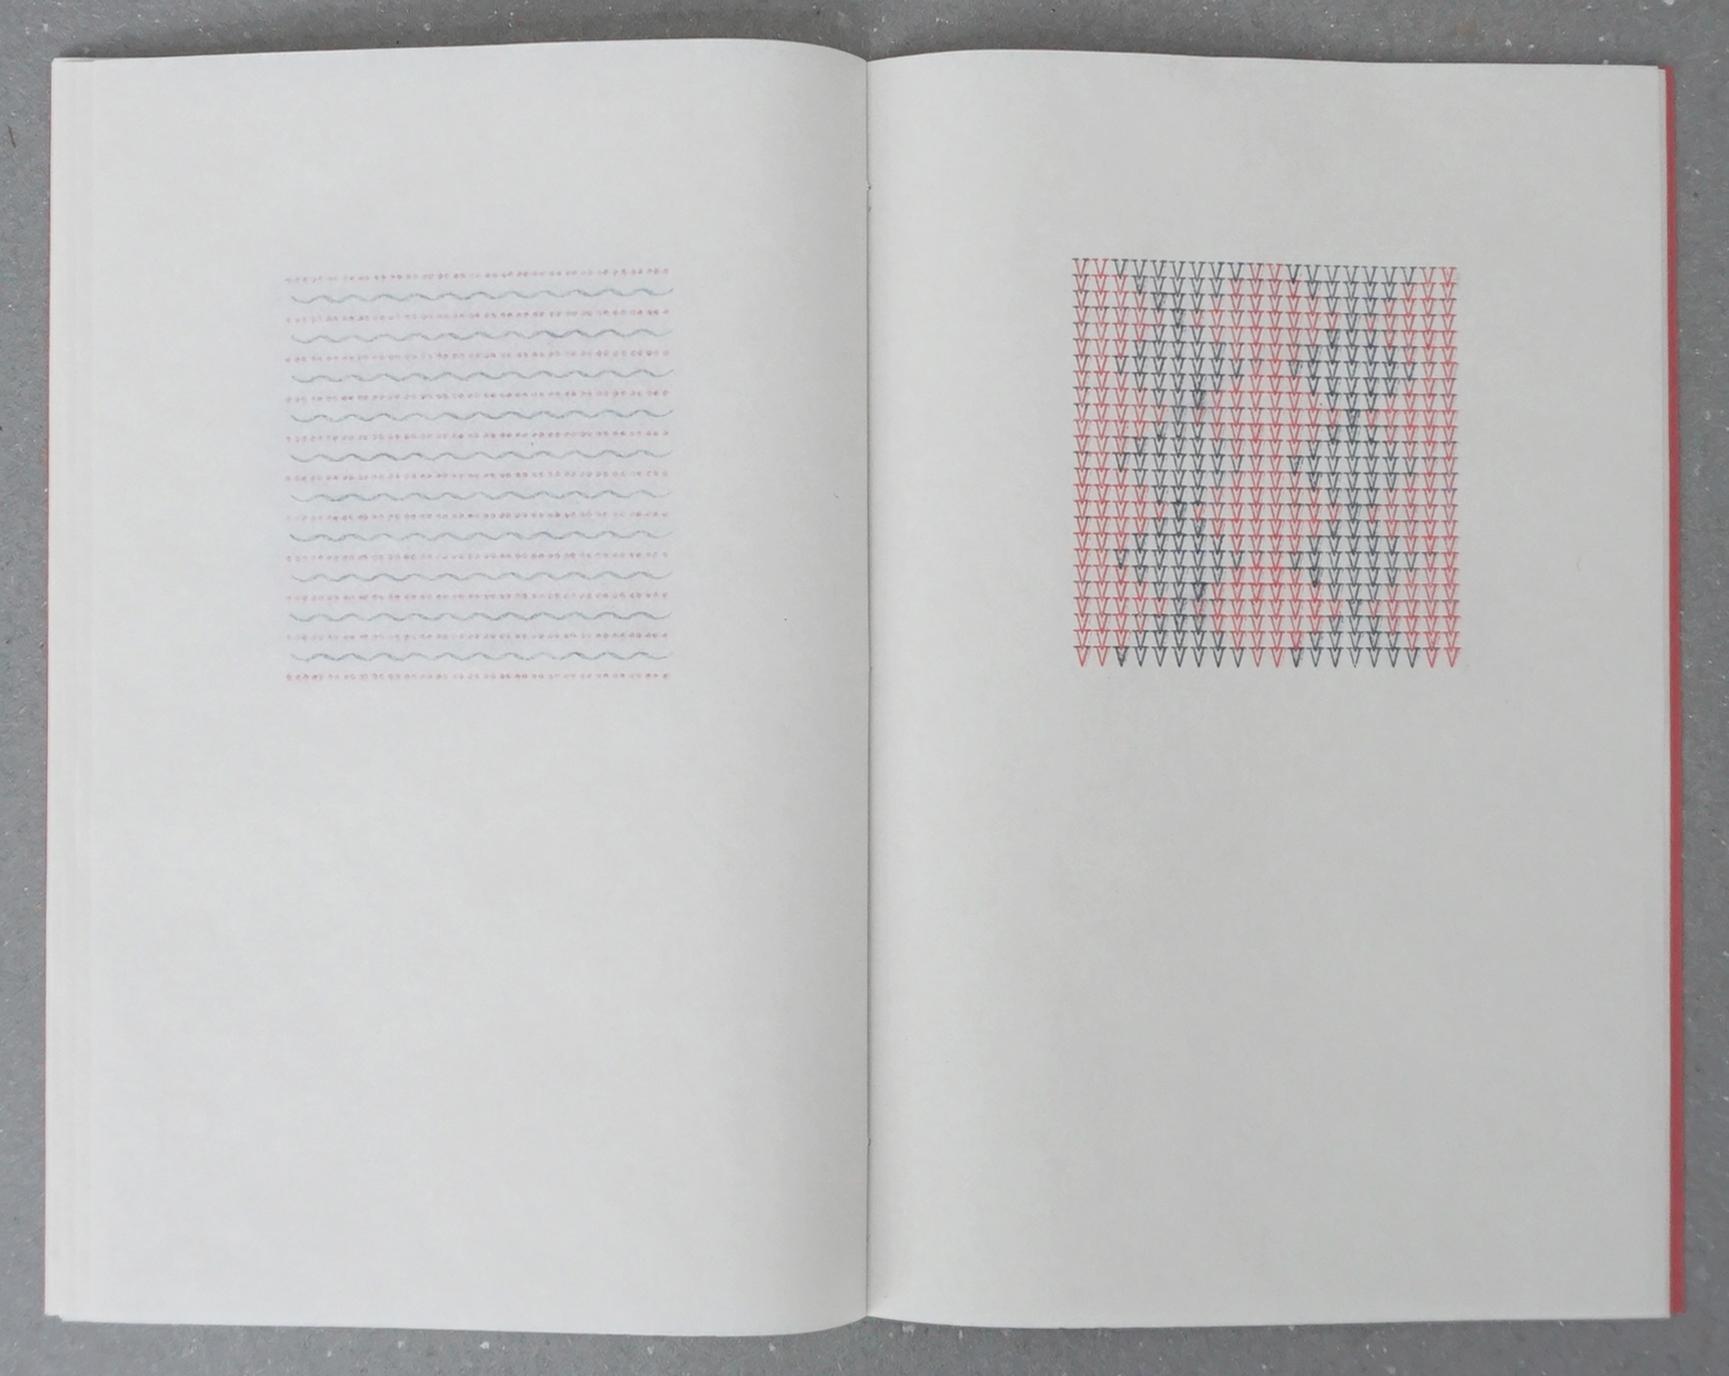 Typewriter_11.jpg